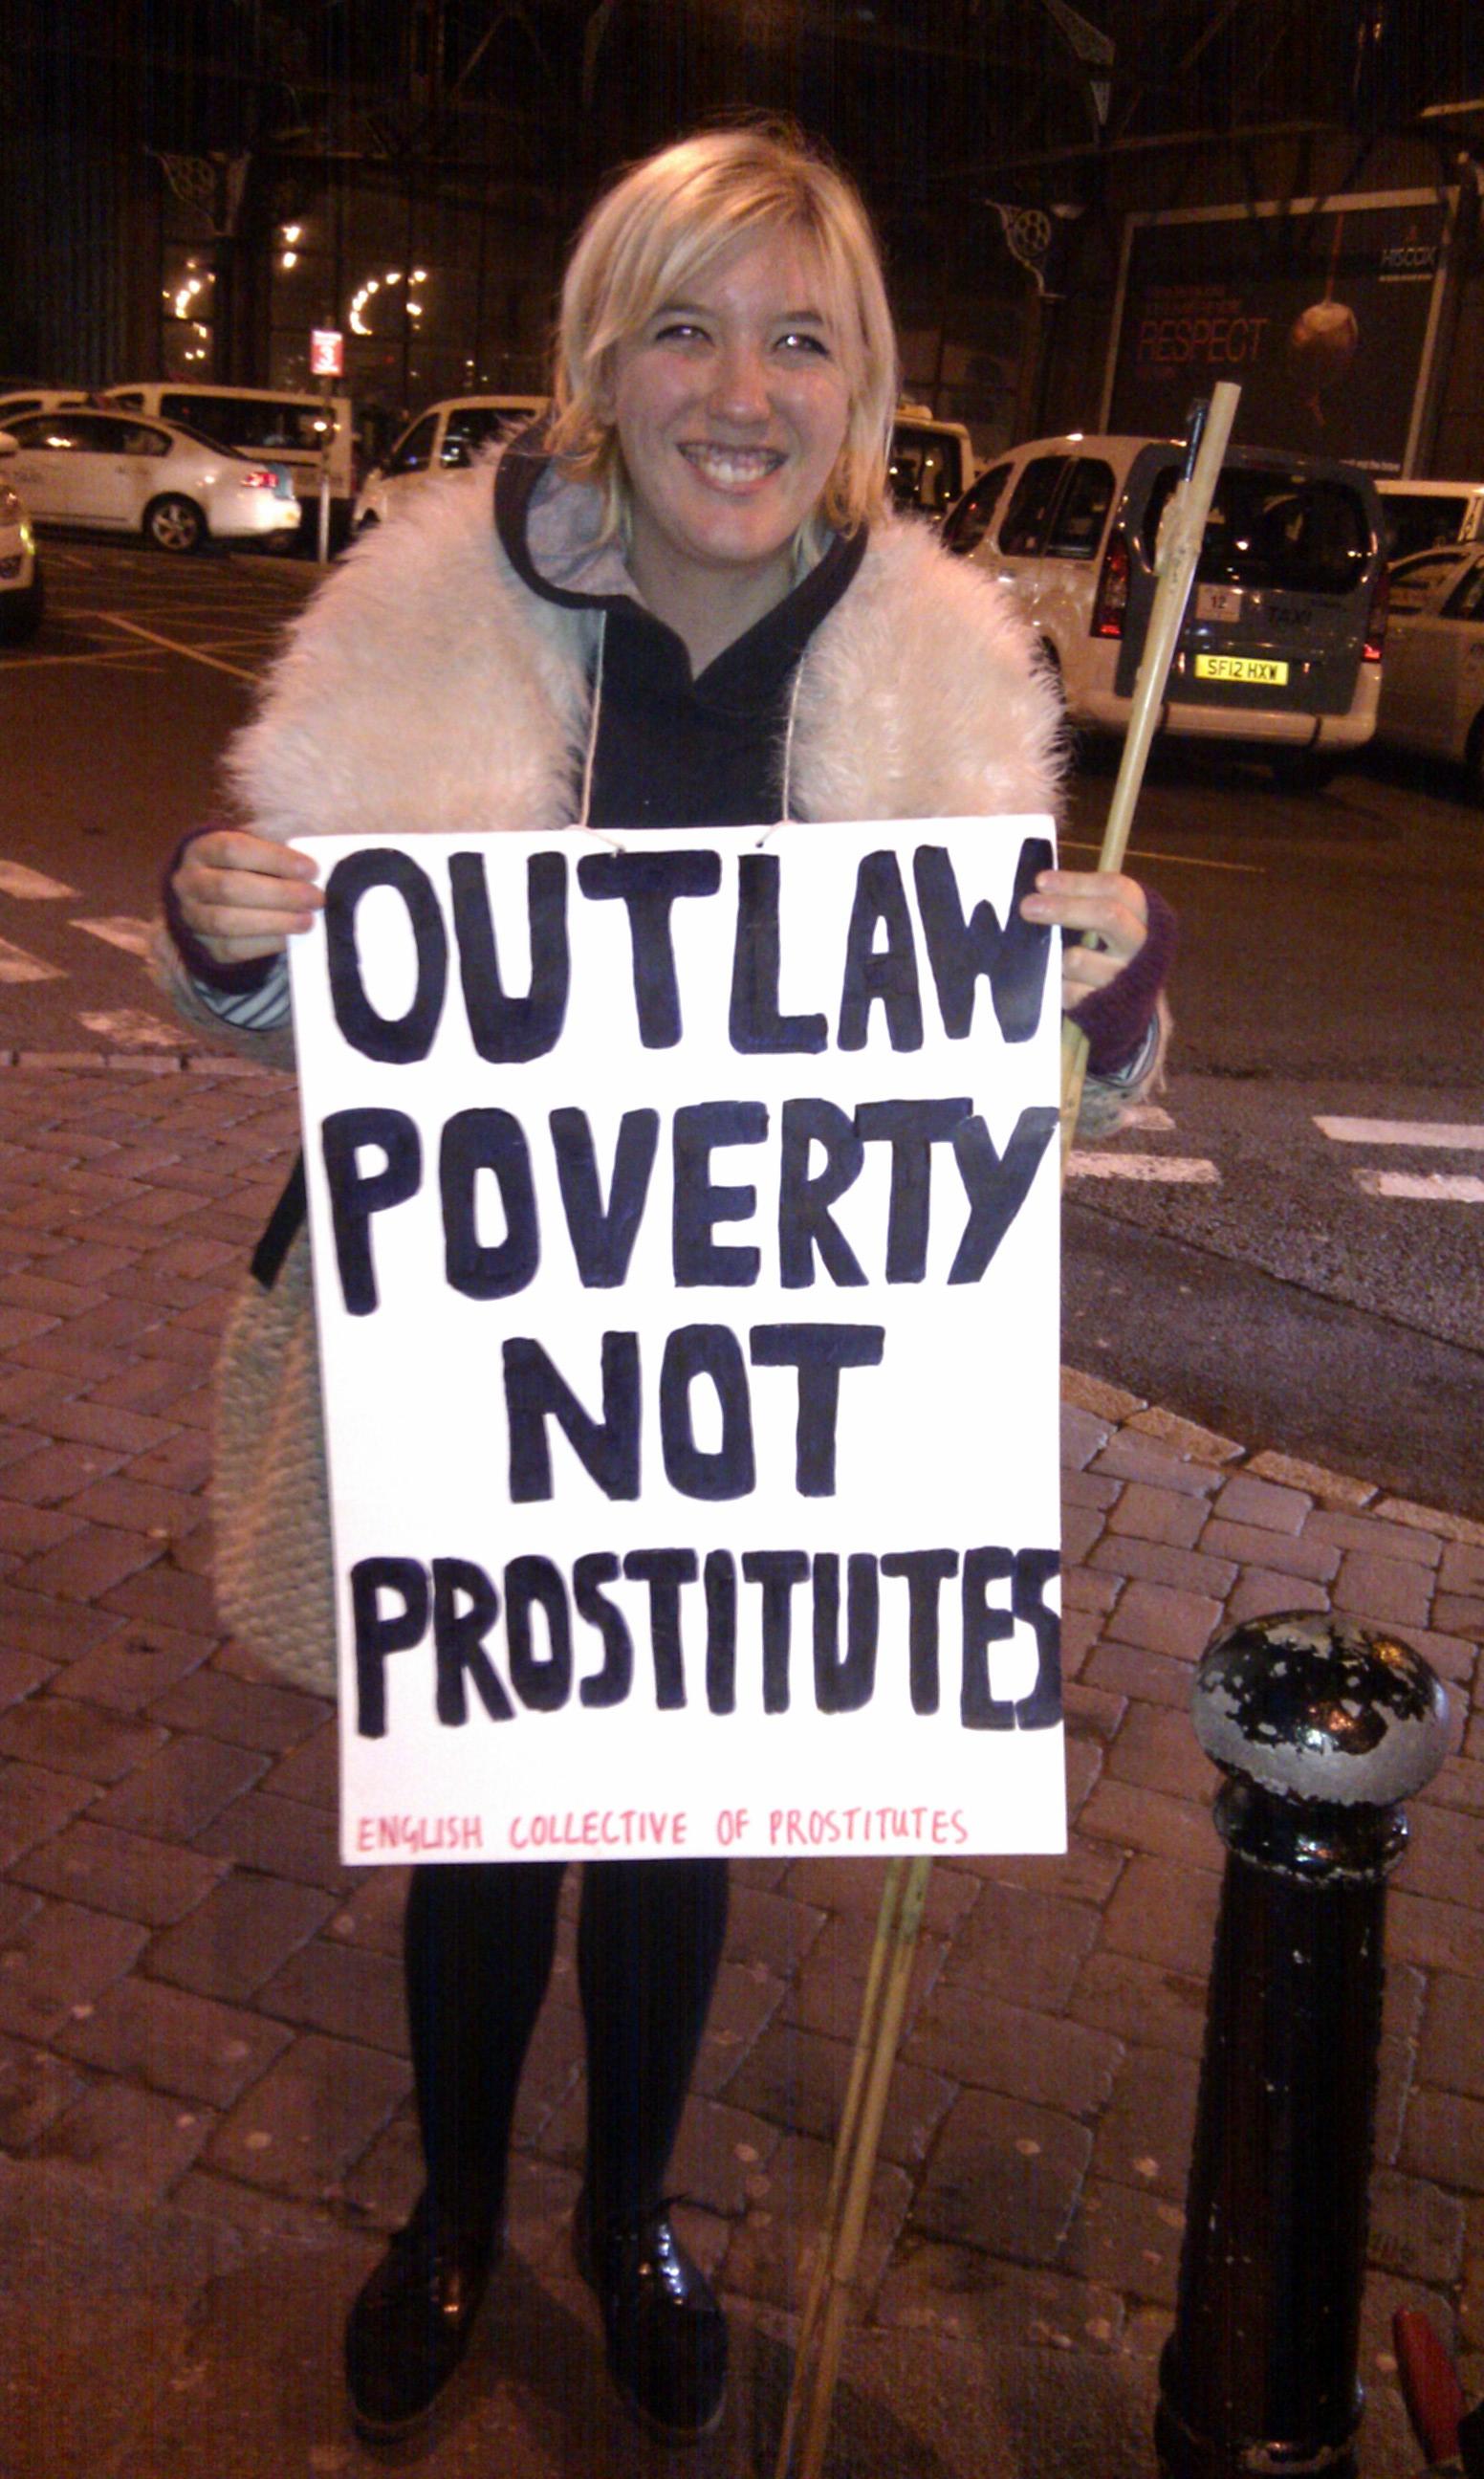 Prostitutes brighton